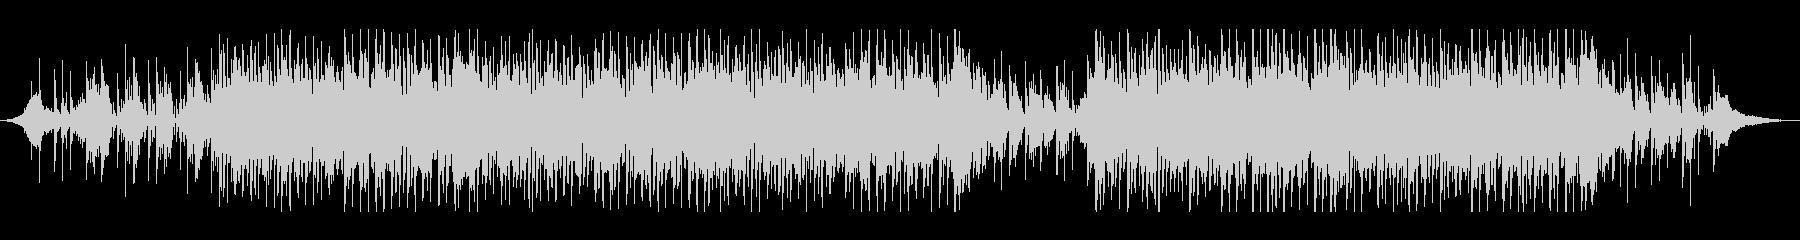 ミドルテンポのスリリングなBGMの未再生の波形